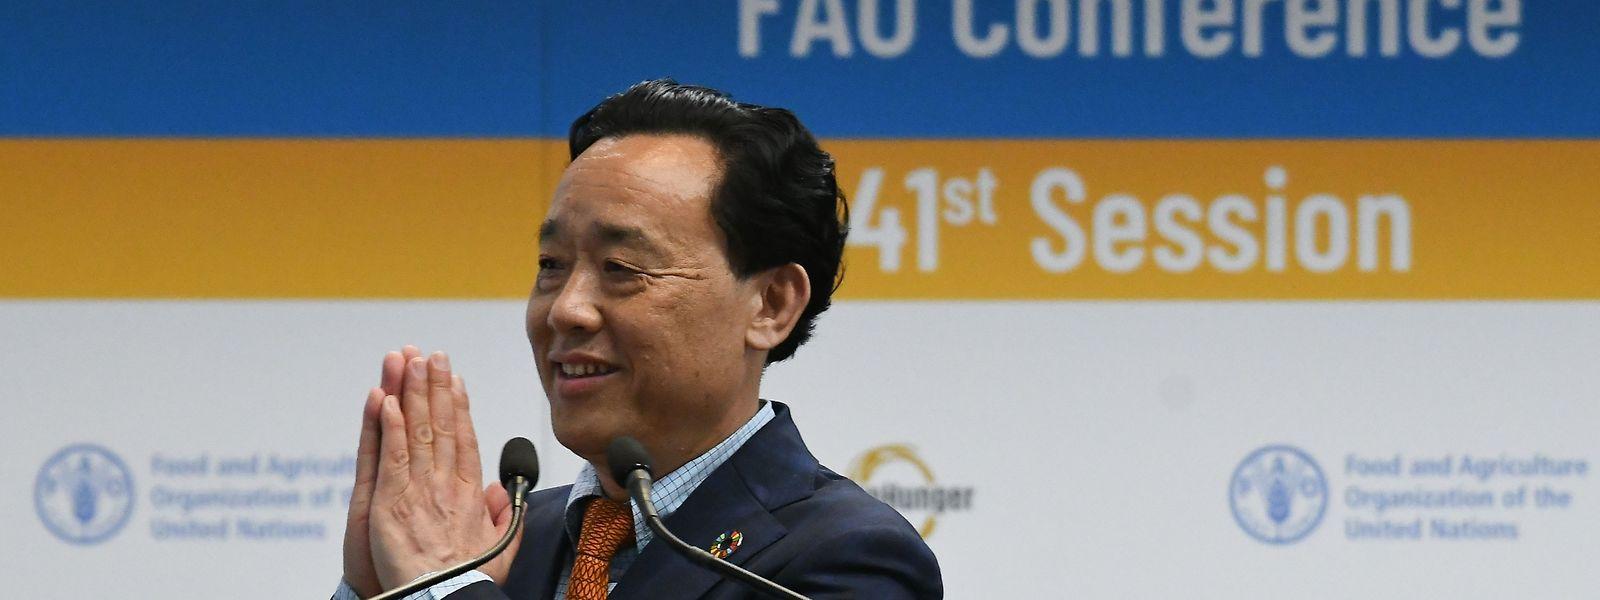 Qu Dongyu wurde für vier Jahre gewählt.